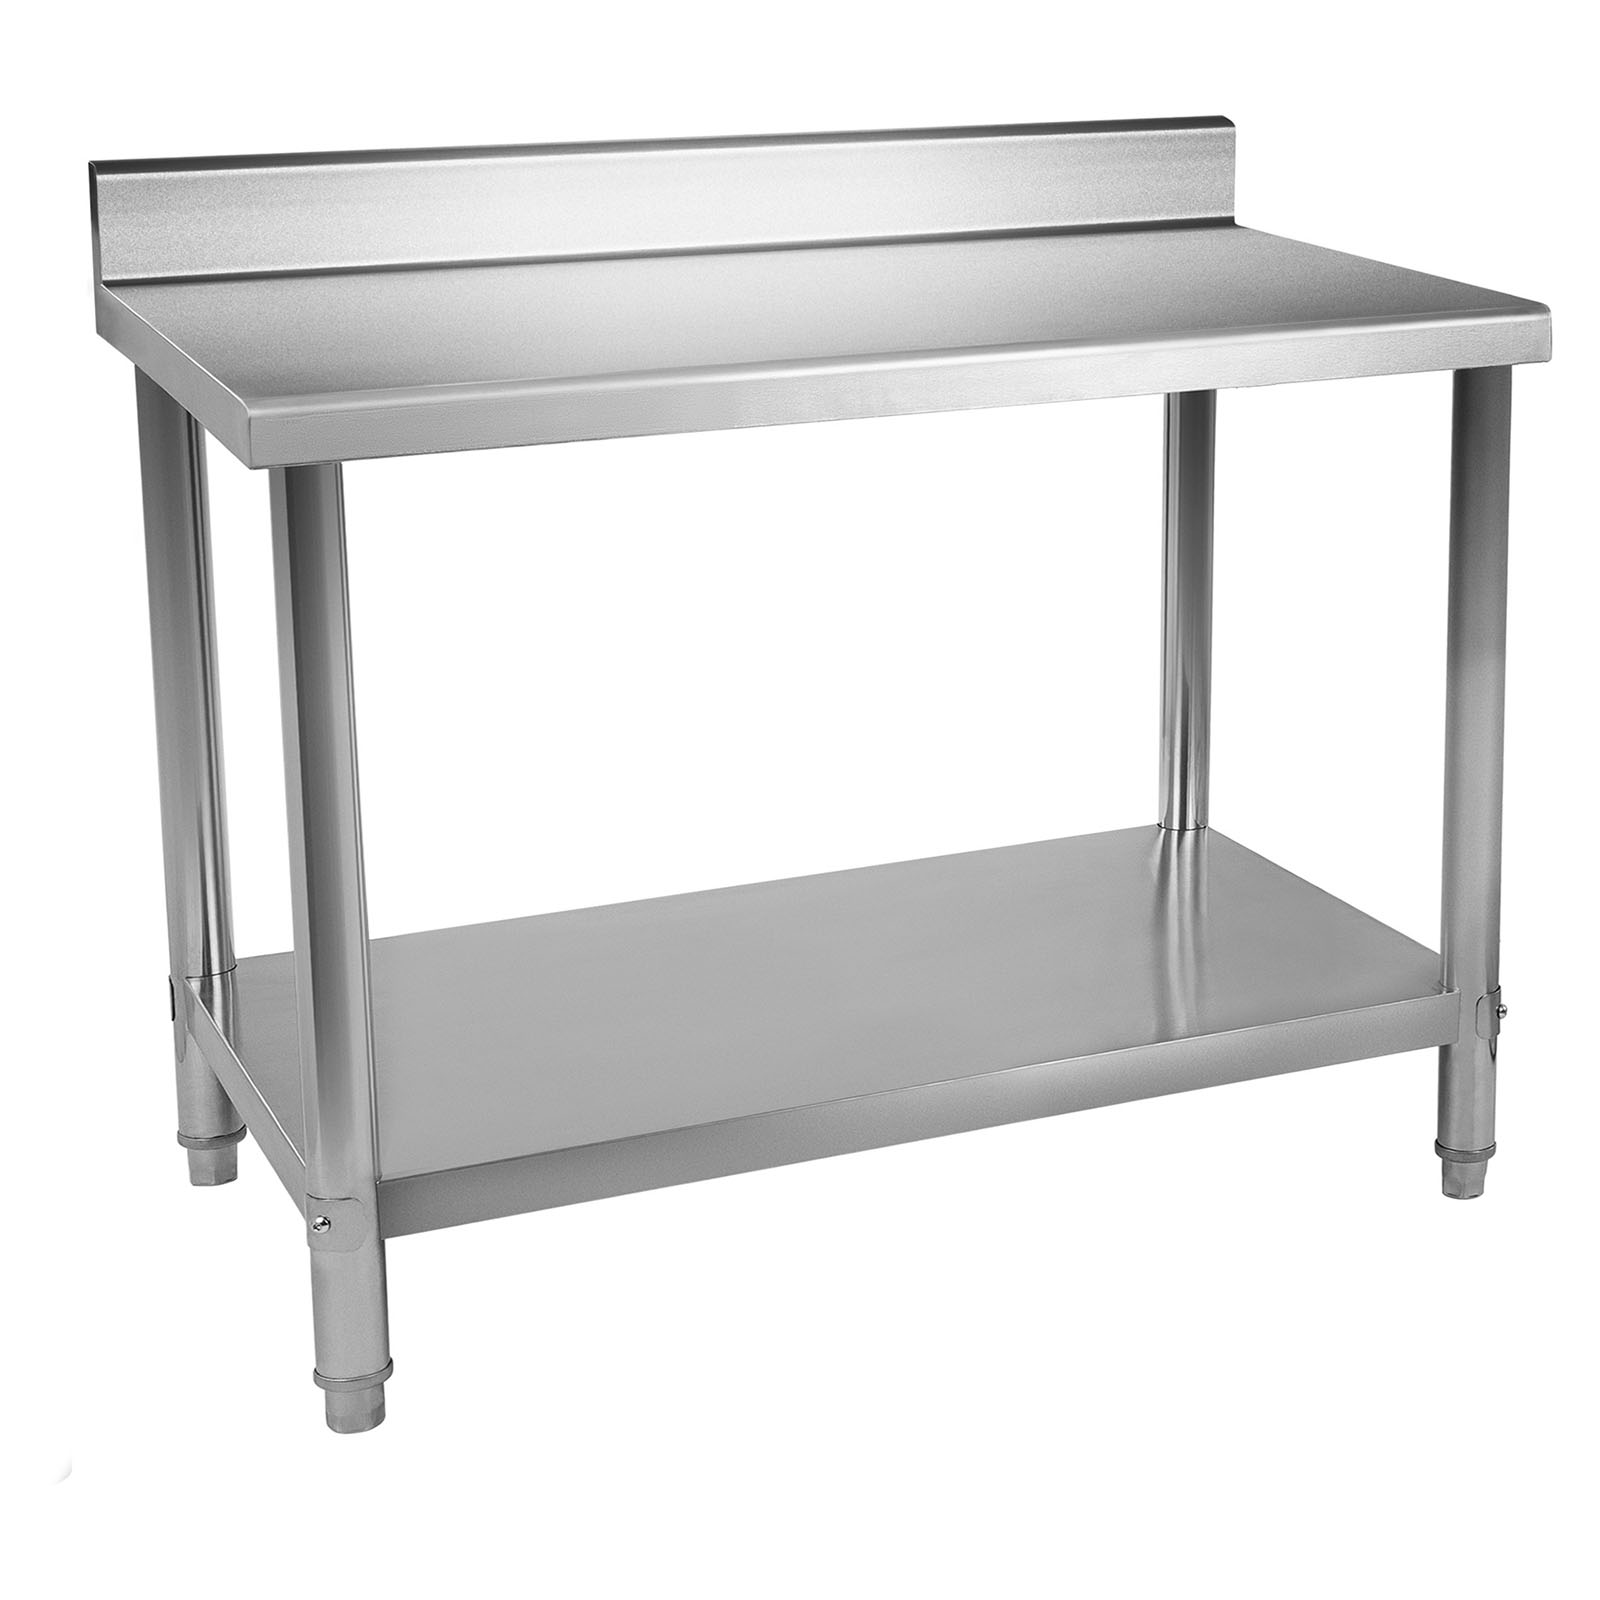 edelstahl arbeitstisch edelstahltisch k chentisch gastro tisch 120 x 60 cm profi ebay. Black Bedroom Furniture Sets. Home Design Ideas